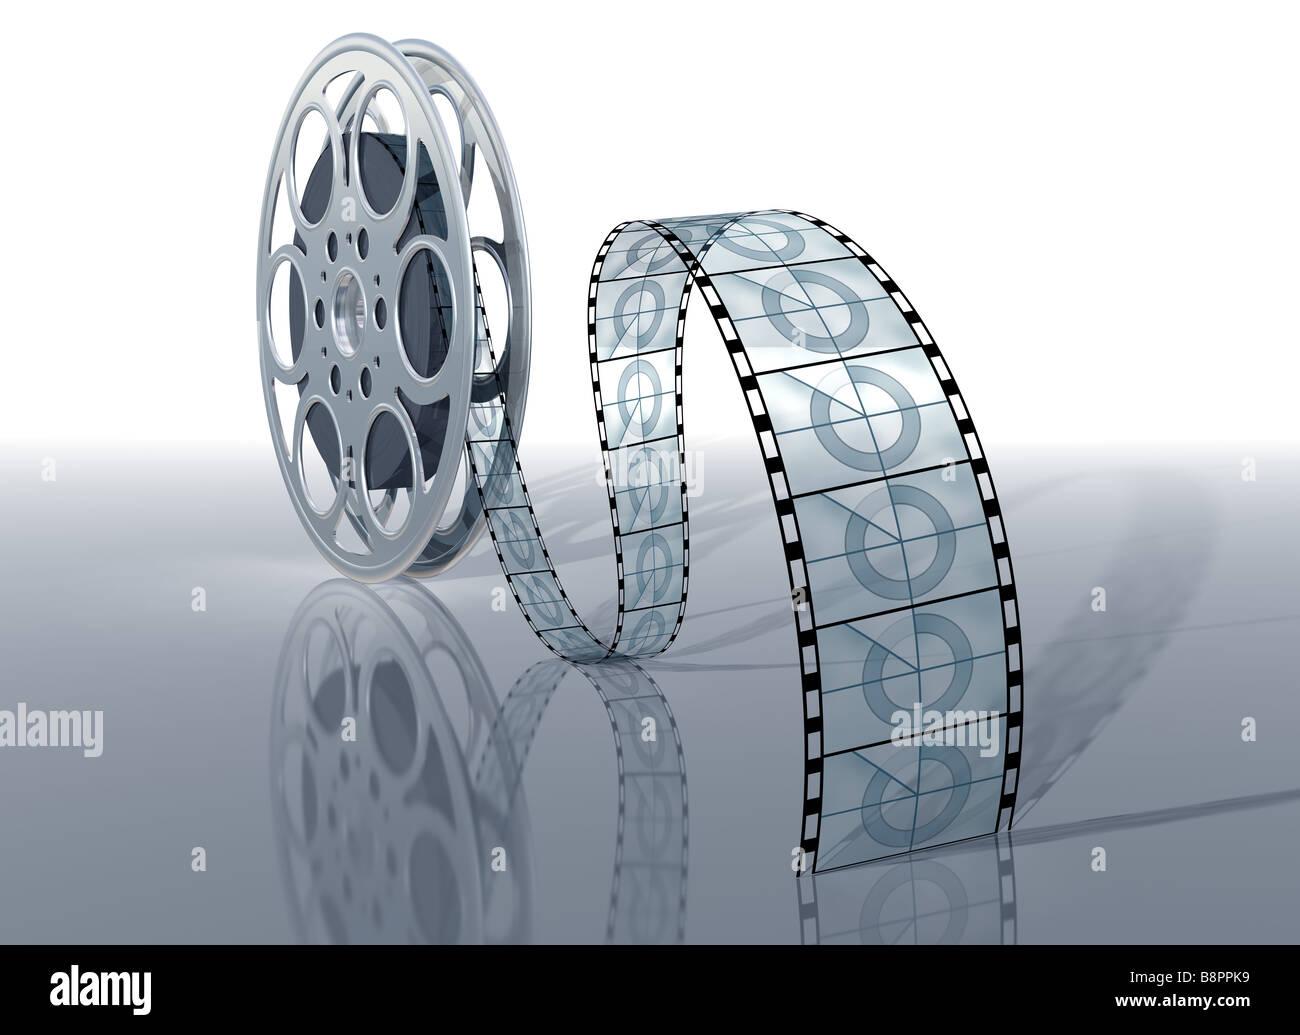 Ilustração de uma bobina de filme e filme sobre uma superfície brilhante Imagens de Stock